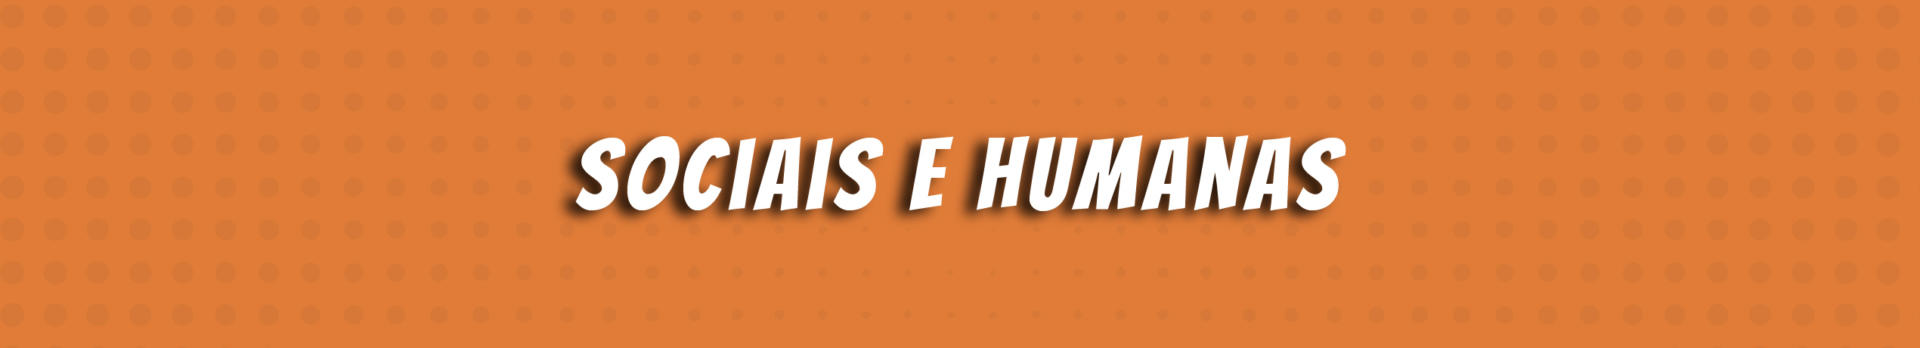 Sociais e Humanas